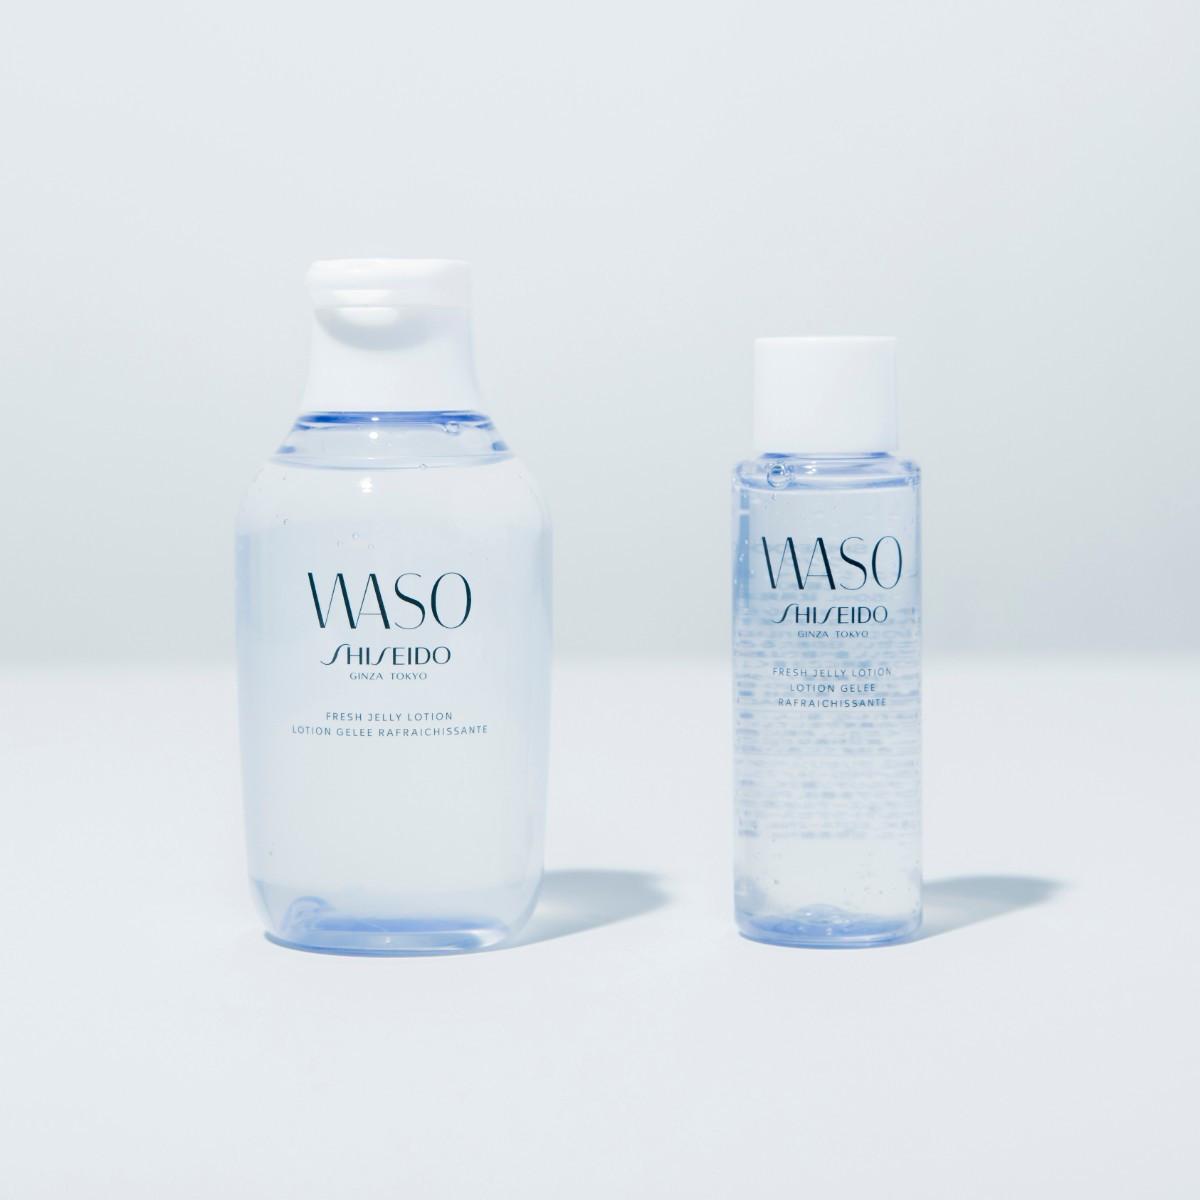 乾いた肌にもググッと浸透! プルプル感がクセになる、WASOのジェル化粧水【ちいサンプル】_1_3